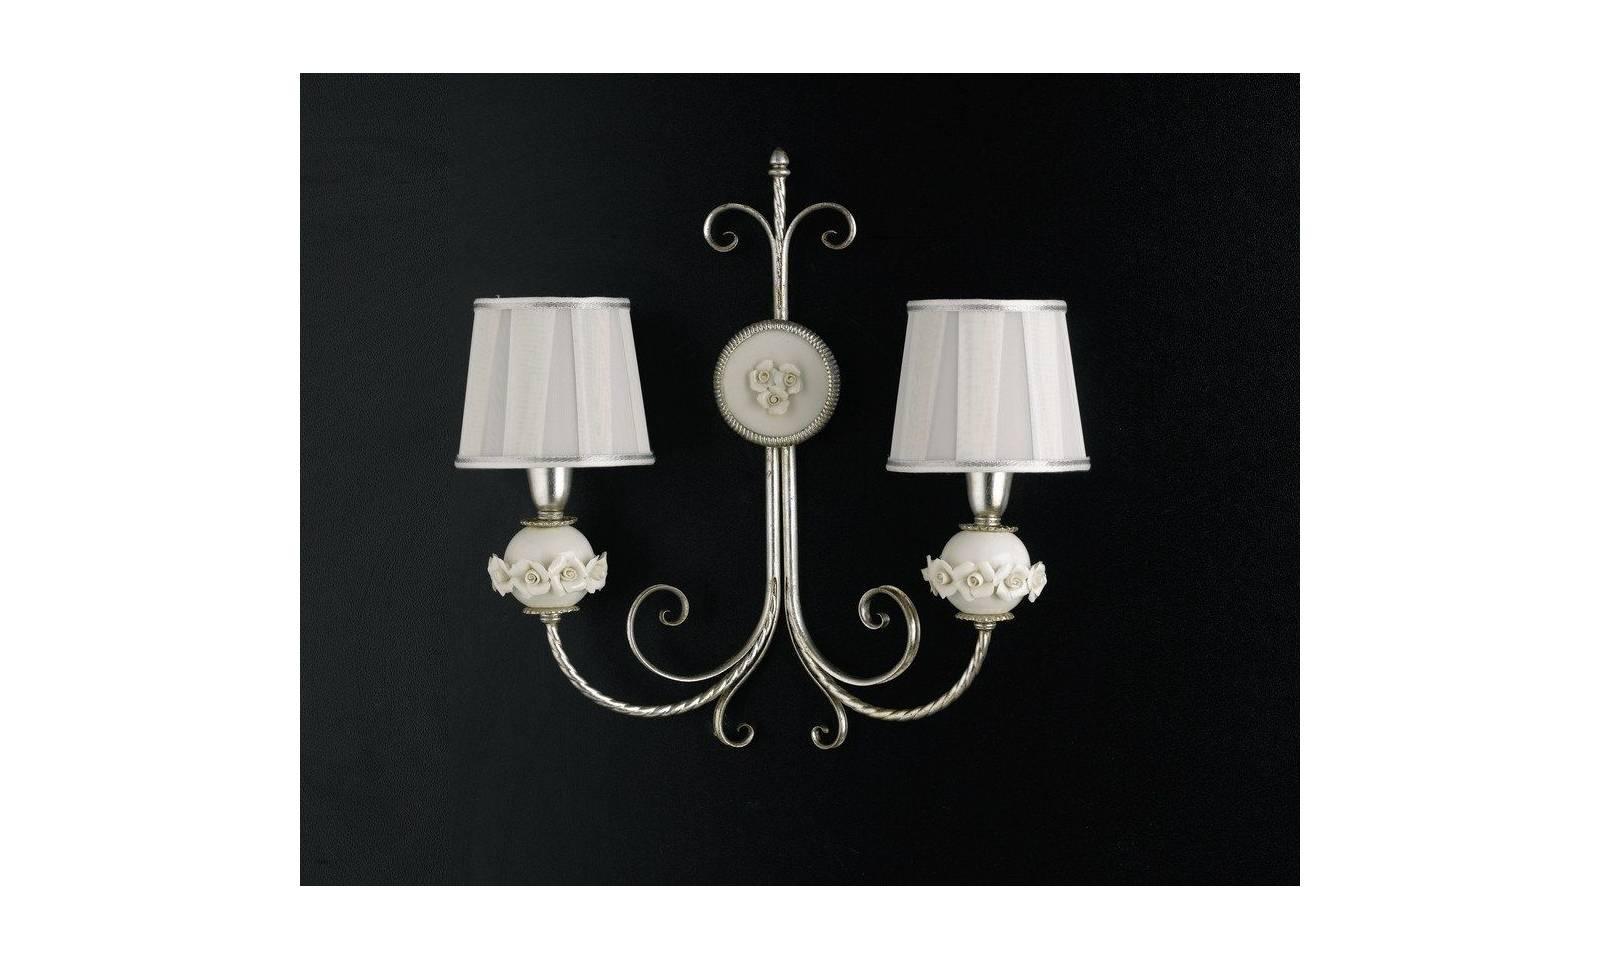 Applique classico luci in foglia argento con porcellana bianca